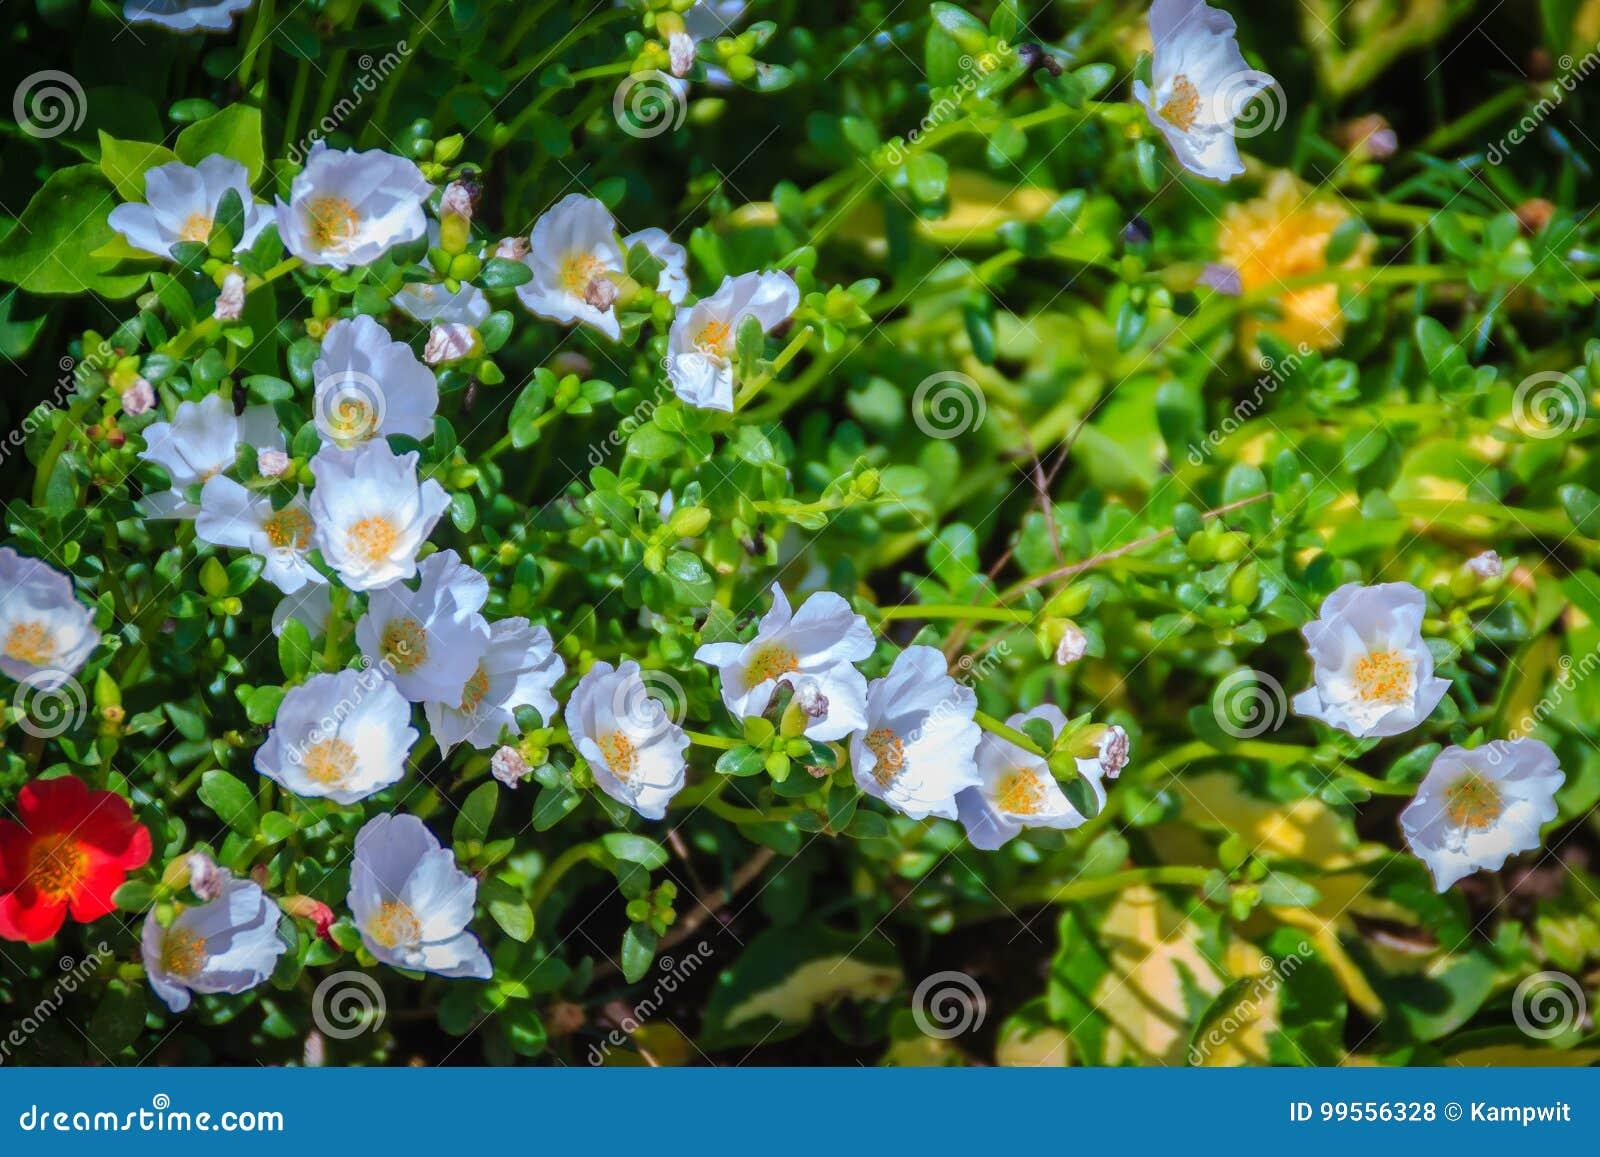 Belle Fleur Blanche D Oleracea De Portulaca Egalement Connue Sous